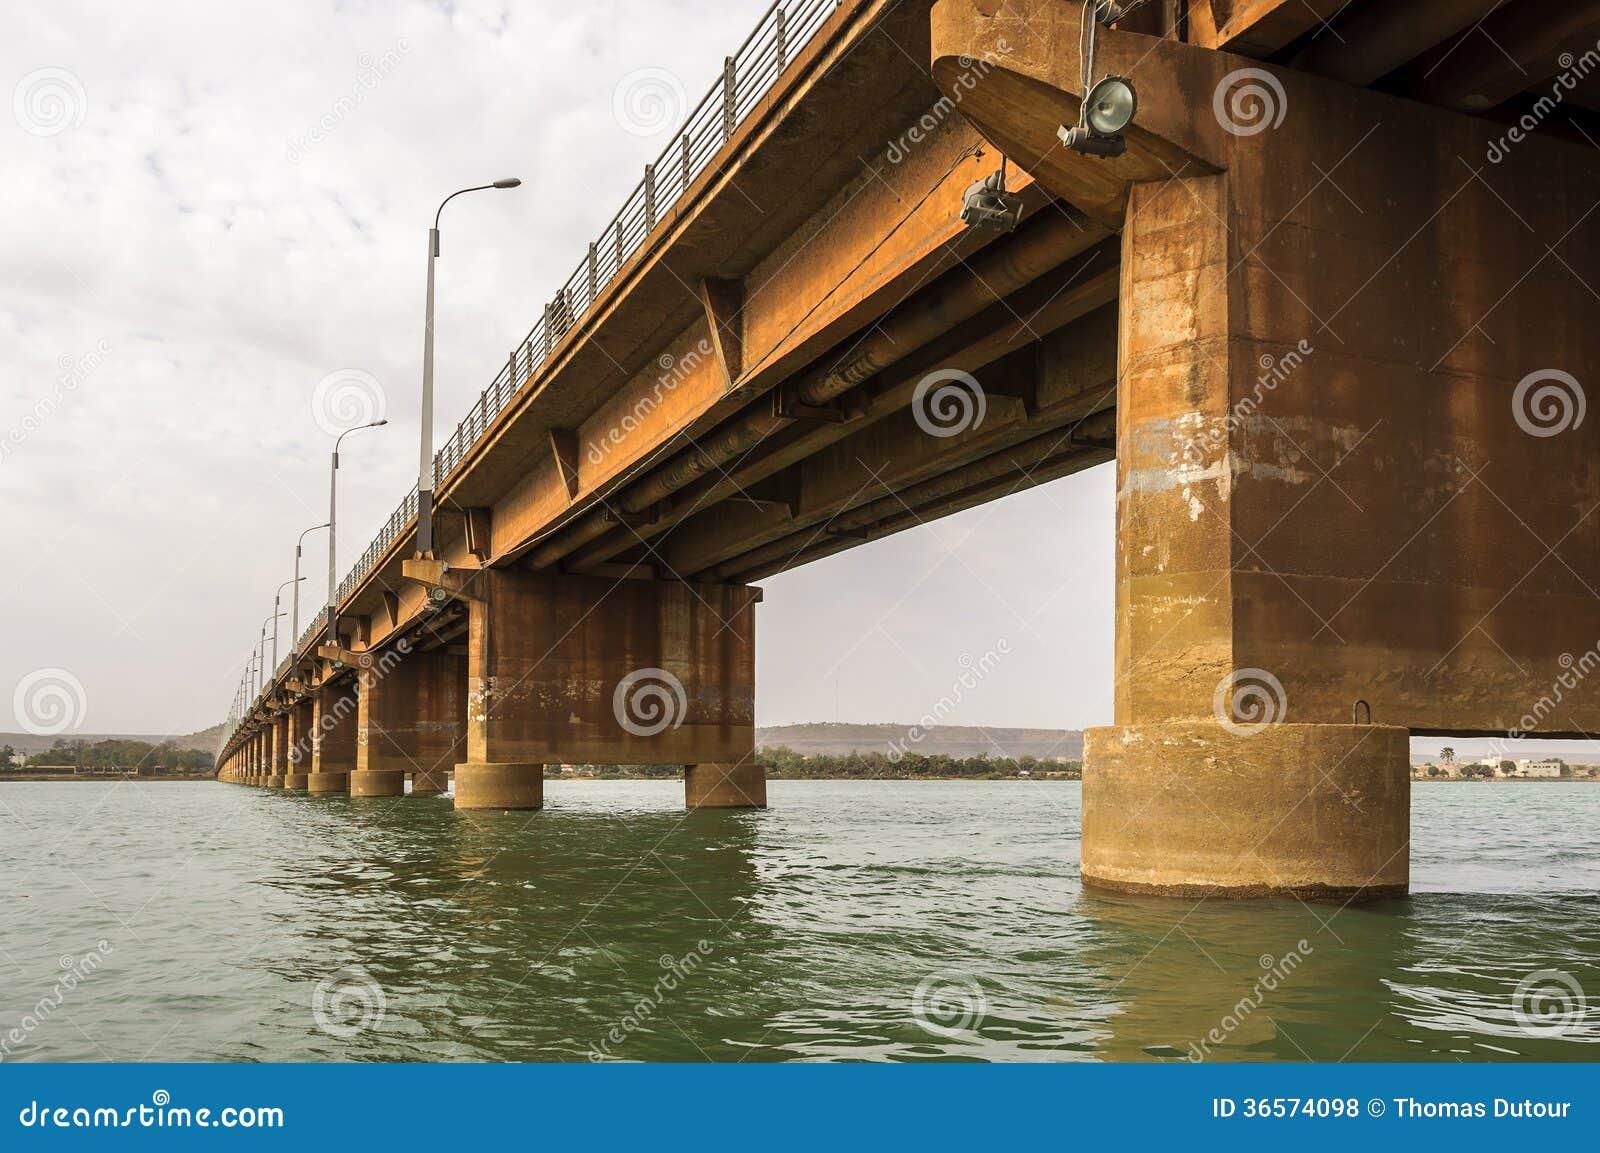 Męczennicy Przerzucają most w Bamako (Pont des męczennicy)